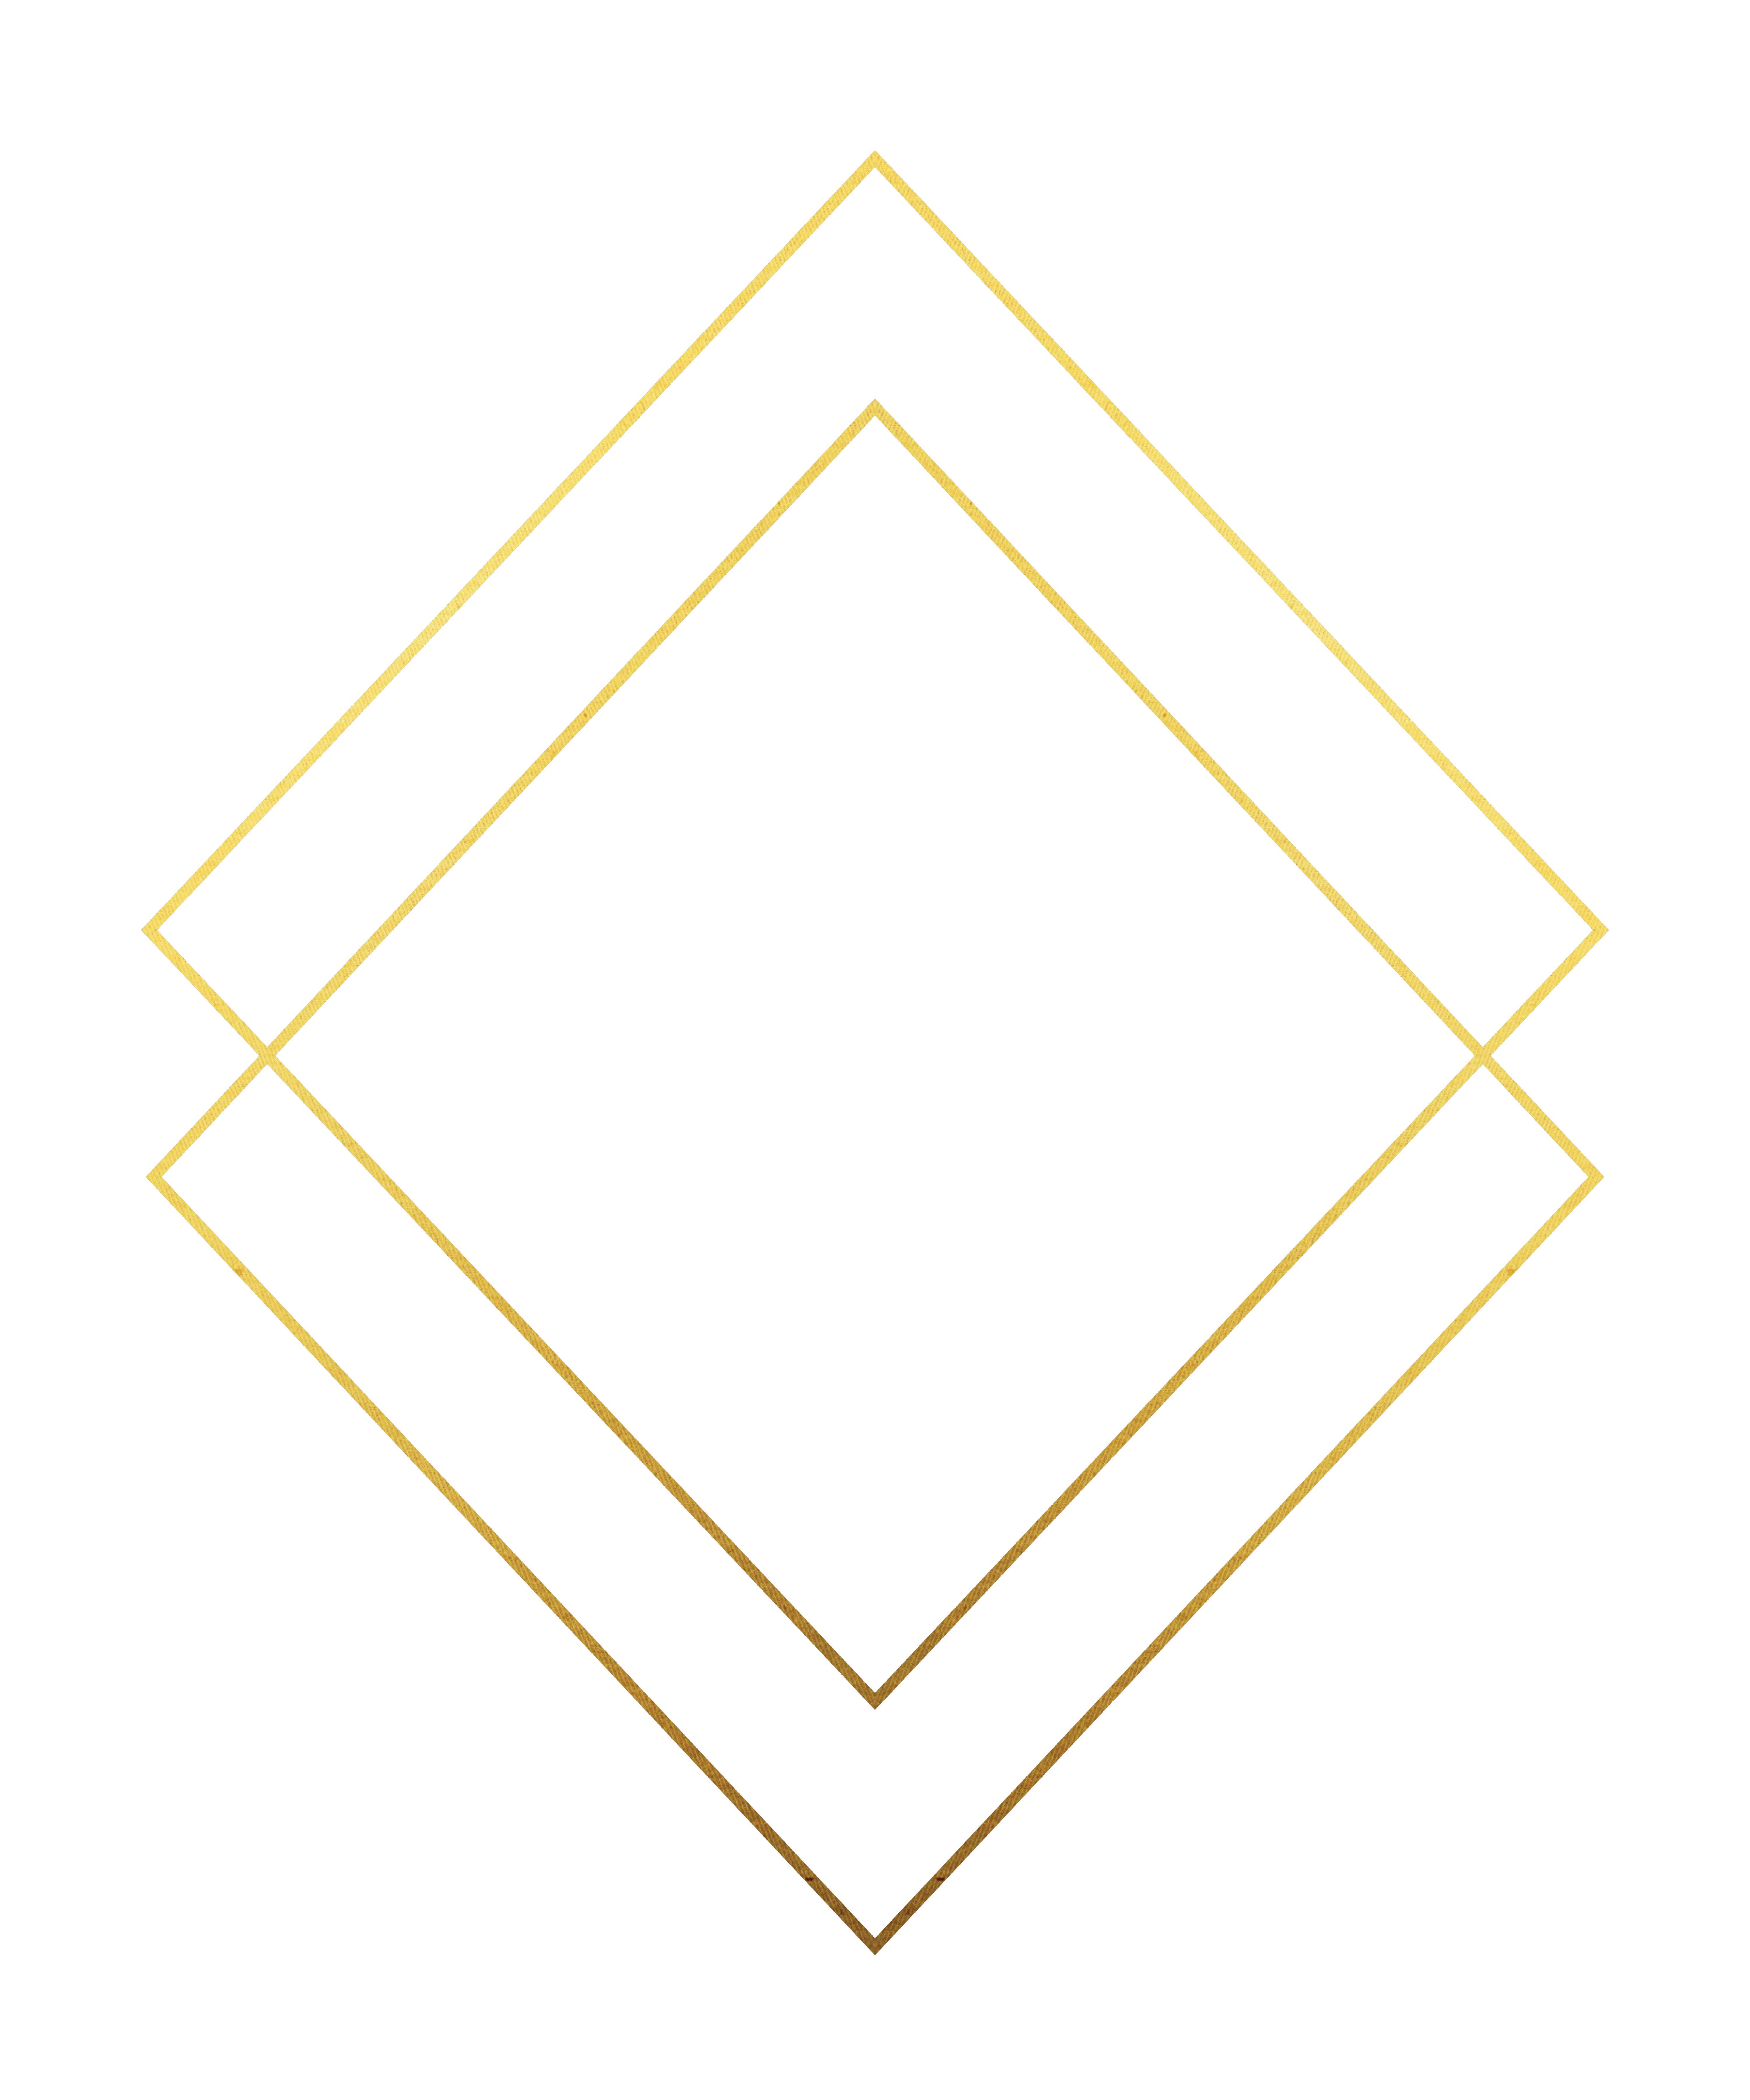 Golden Diamonds Digital Art Modern Minimal Wall Art Home Decor Gold And White Abstract Art Geometric Art Instan Minimal Wall Art Geometric Art Geometric